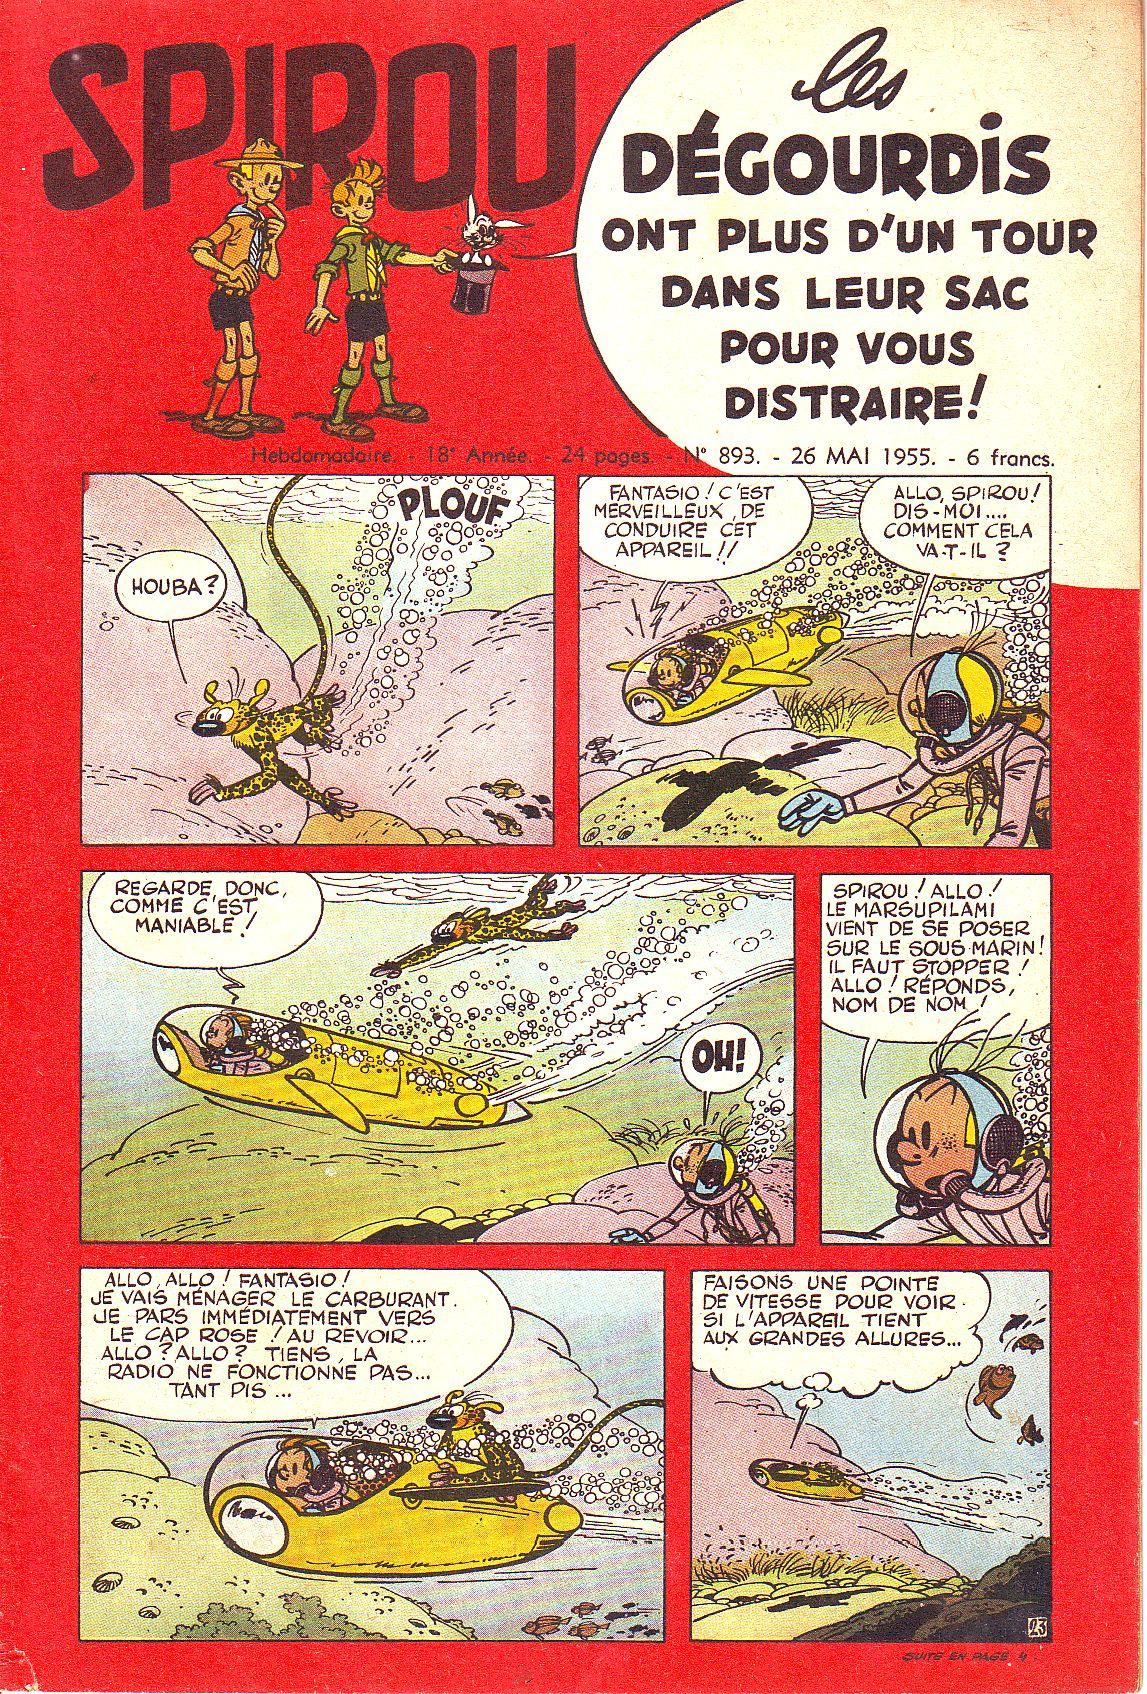 Le journal de Spirou 893 - 893